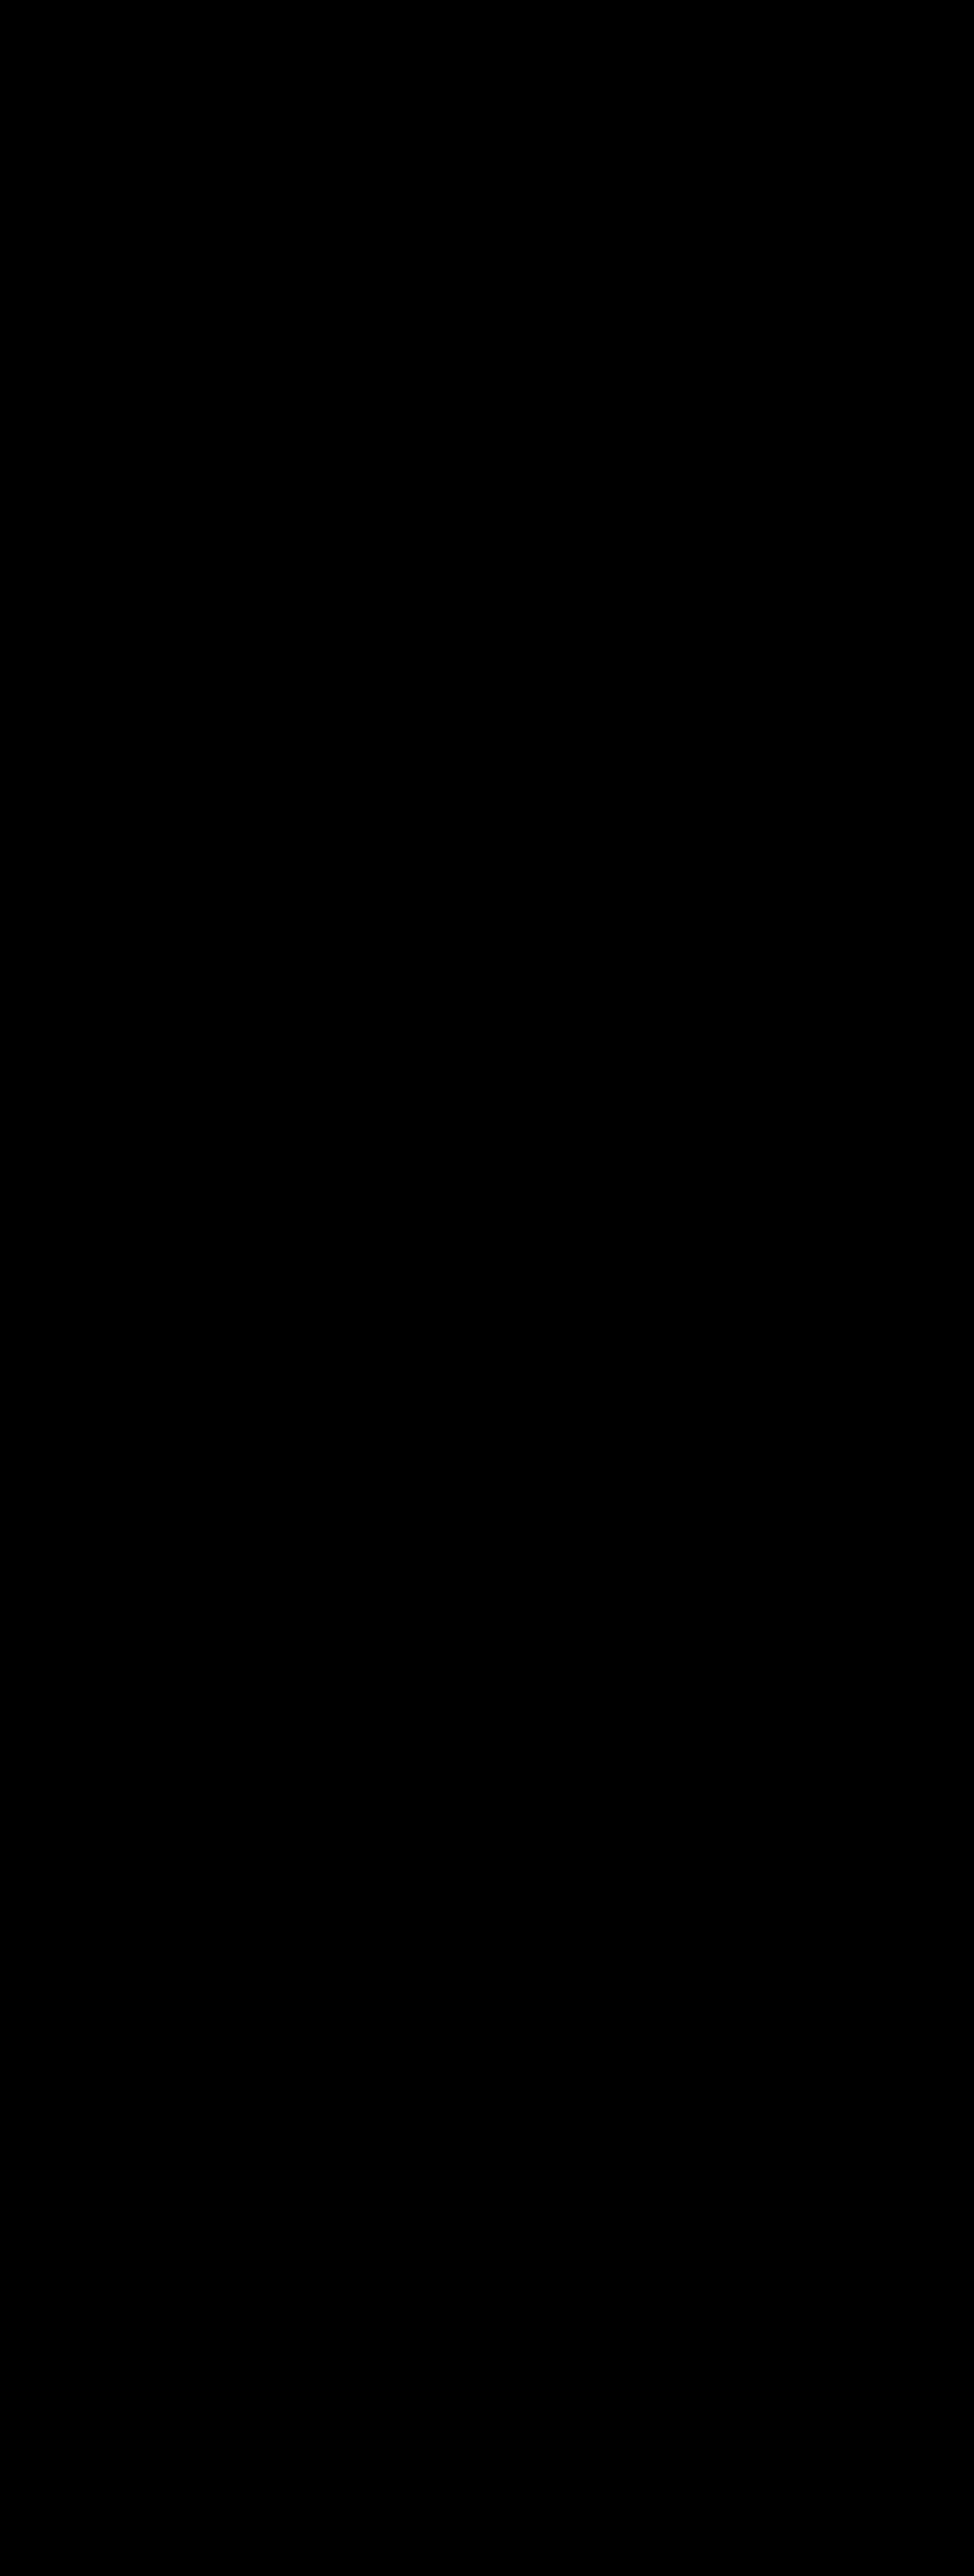 Sara app